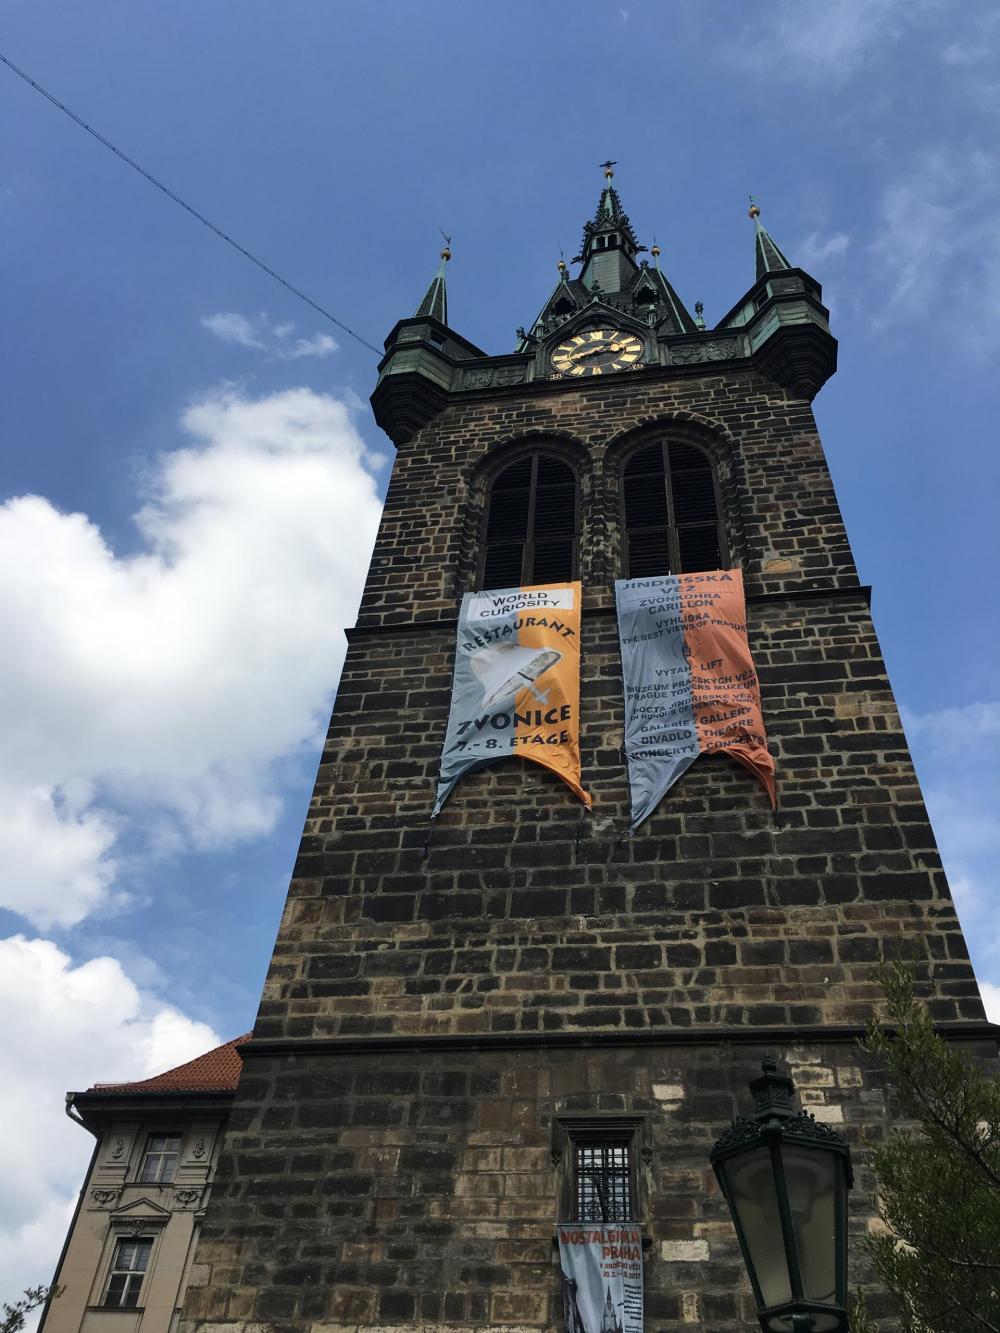 Jindrissska Turm